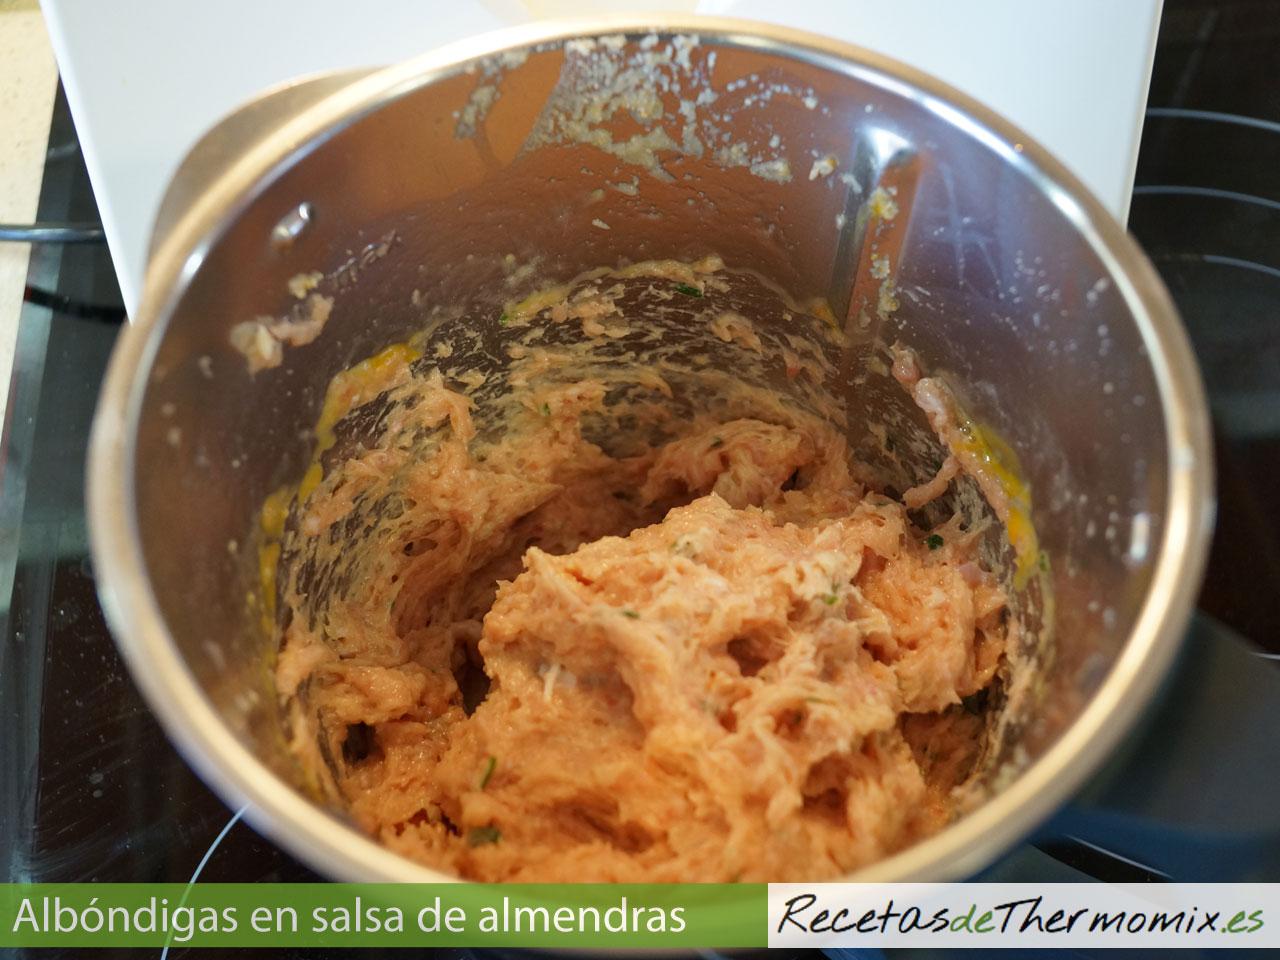 Carne picada para albóndigas con salsa de almendras en Thermomix